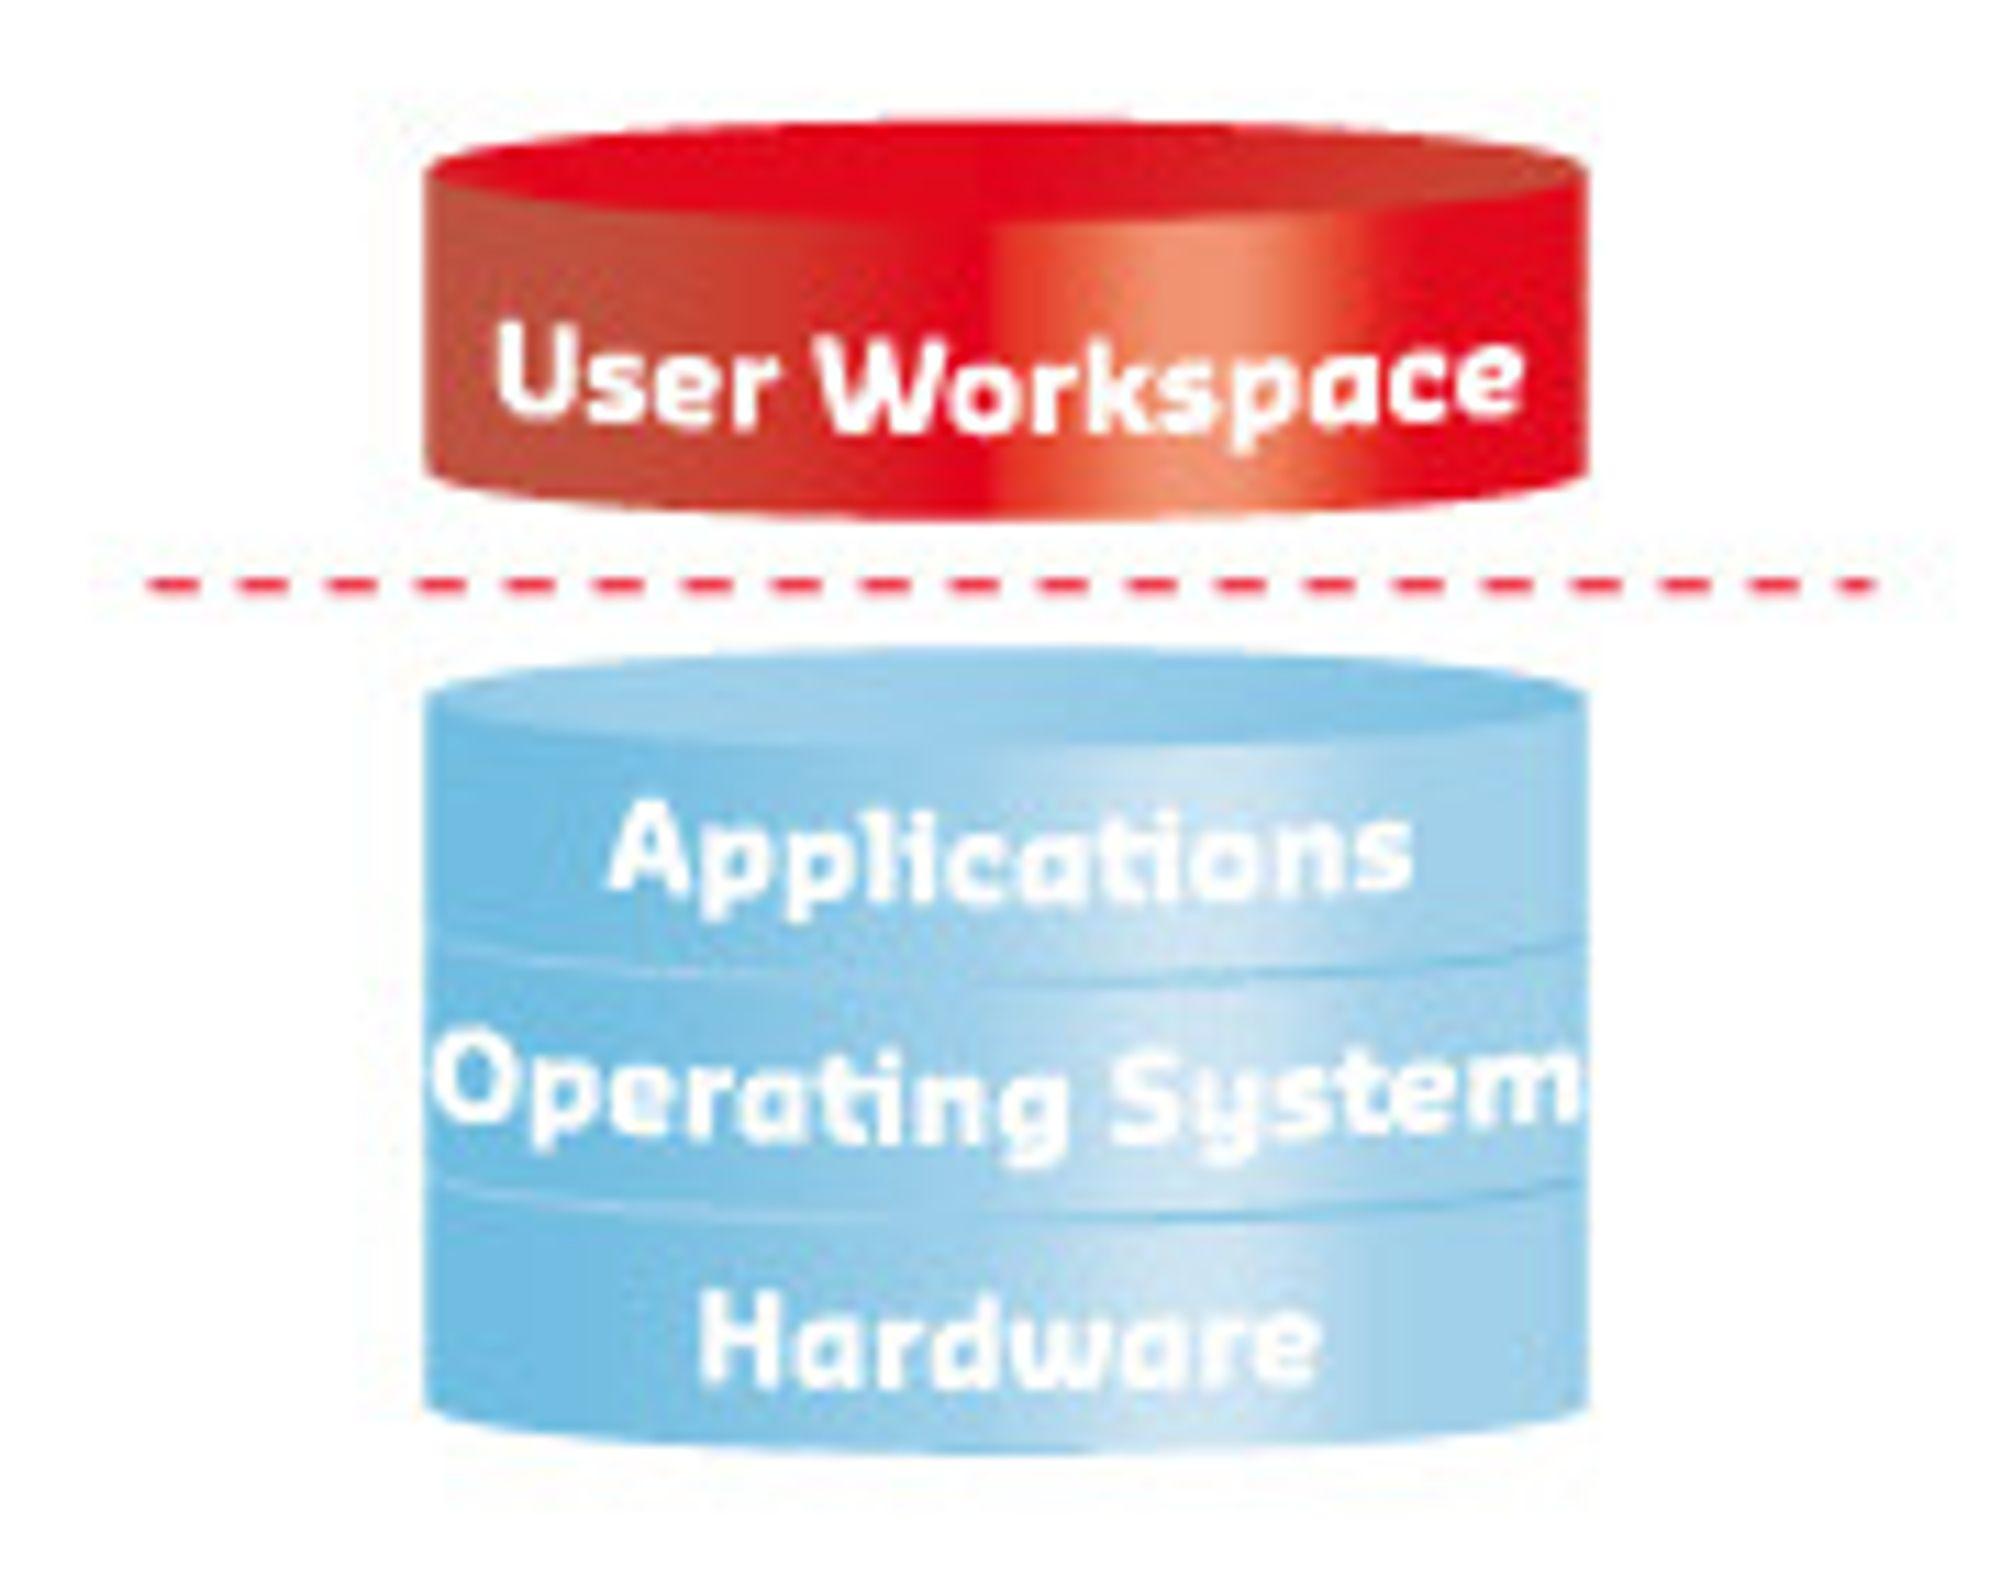 Brukerområdet holdes strengt atskilt fra applikasjoner og operativsystem. RES understreker at de ikke gjør bruk av Windows-profiler i Powerfuse.